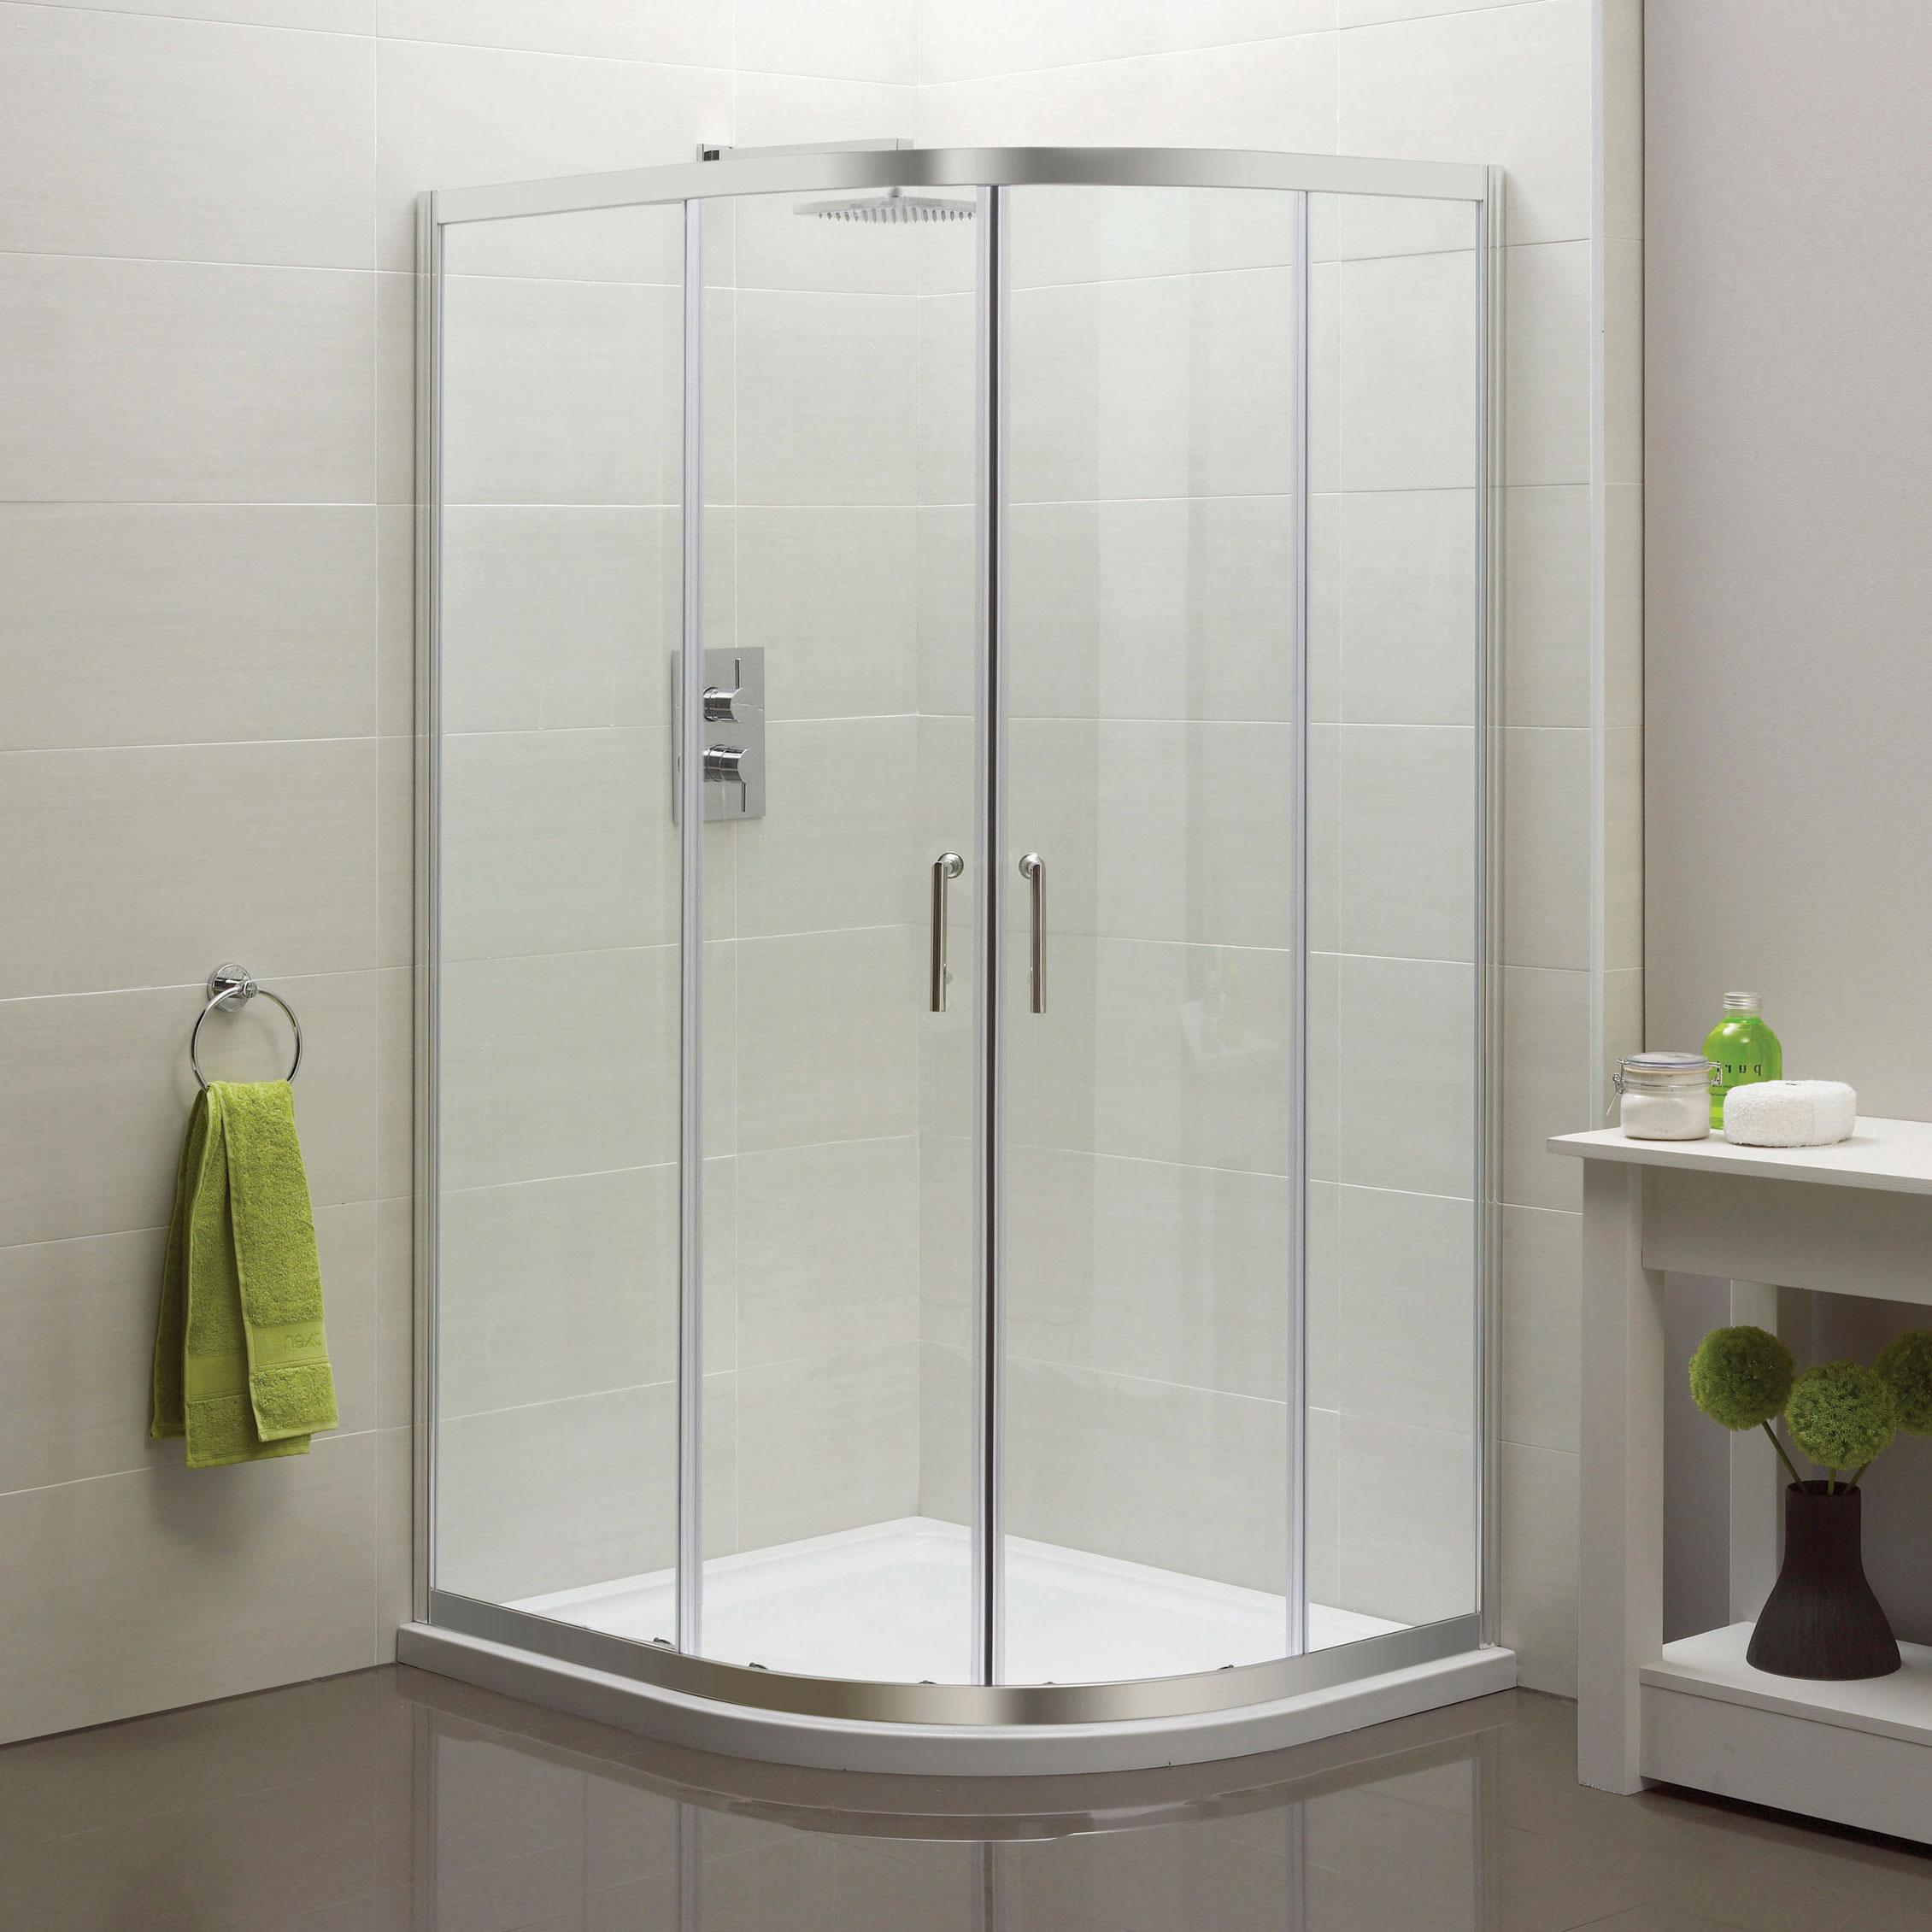 Offset Quadrant Double Door Sommer 6 Online 4 Bathrooms